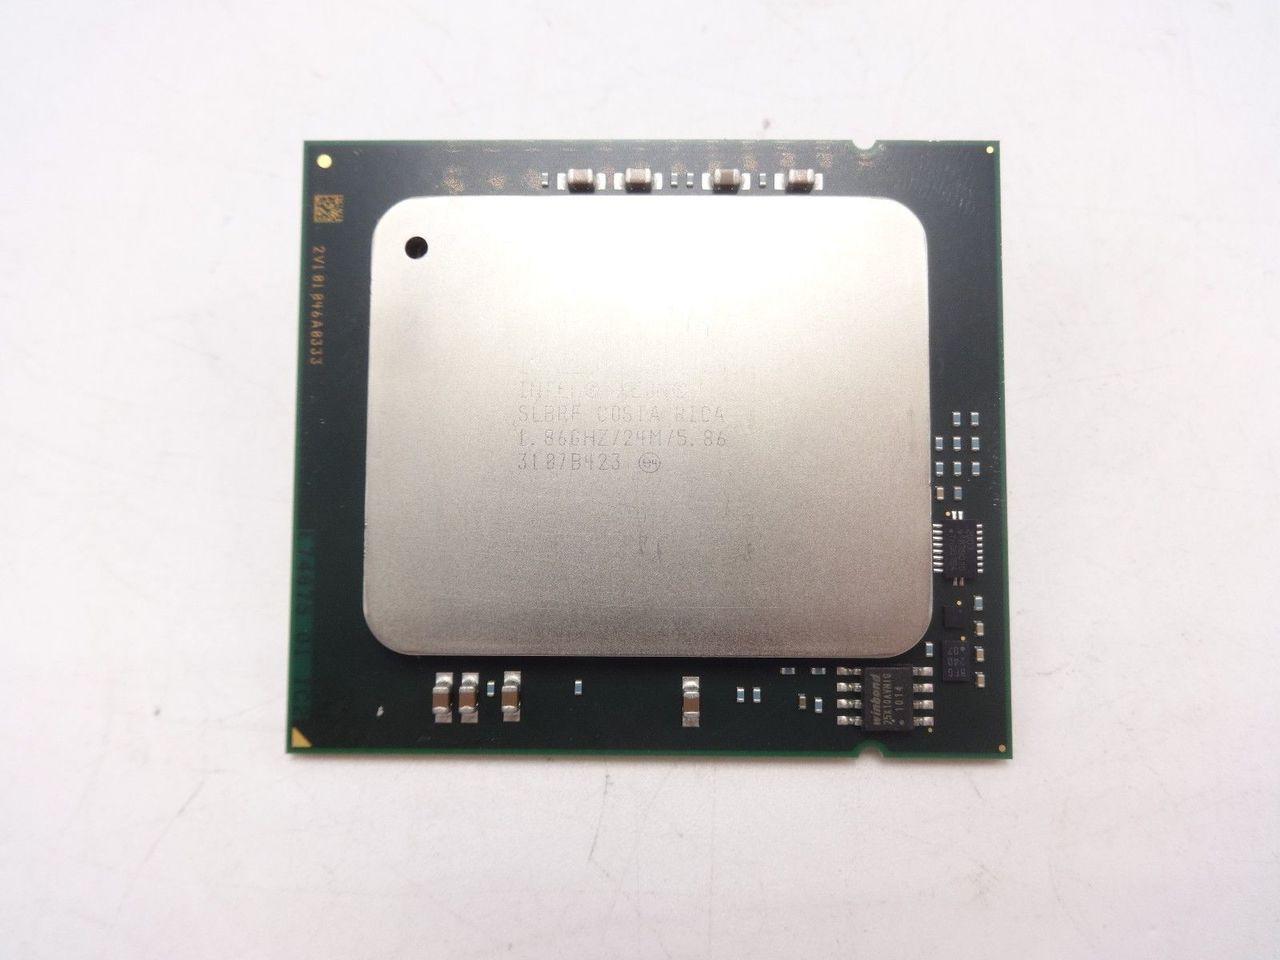 Intel SLBRF L7555 XEON 8C 1.86GHZ/24MB L3